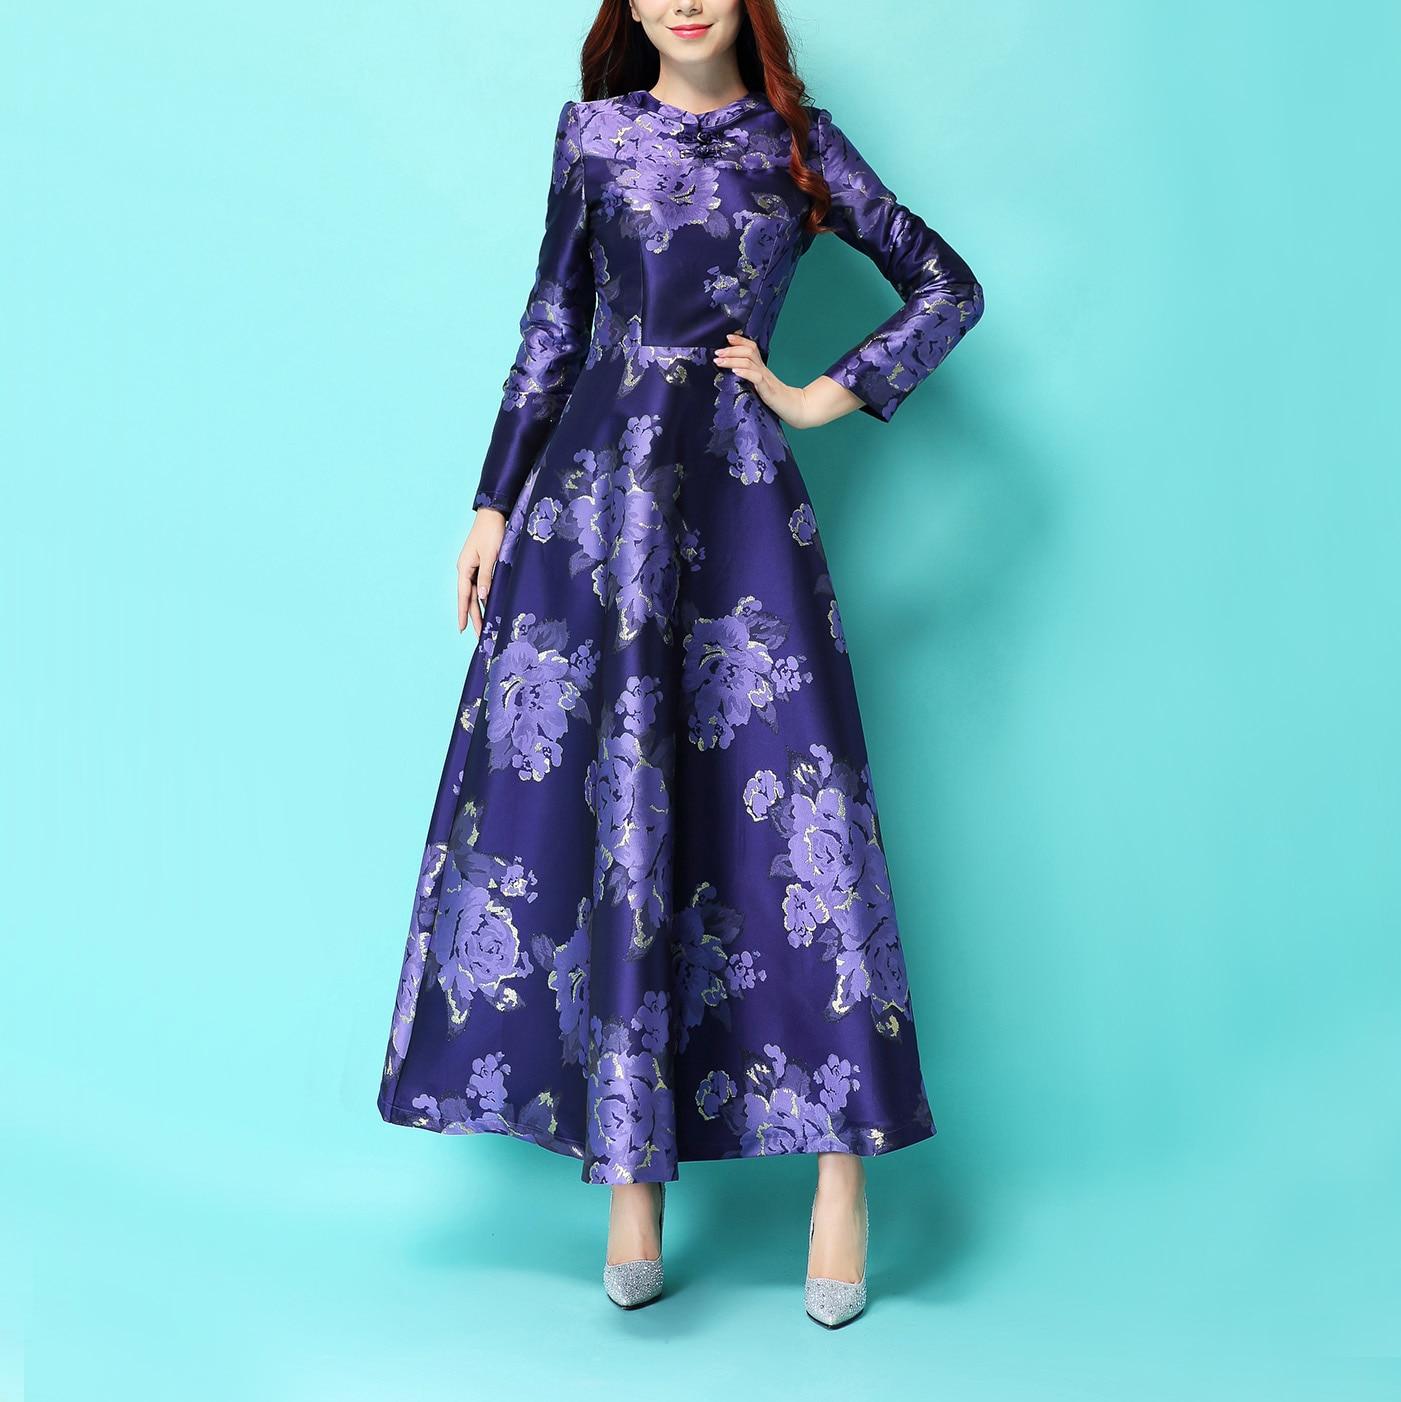 2017 automne hiver violet fleur imprimer femmes à manches longues Style chinois longue robe Slim Plua taille Maxi étage longueur robe